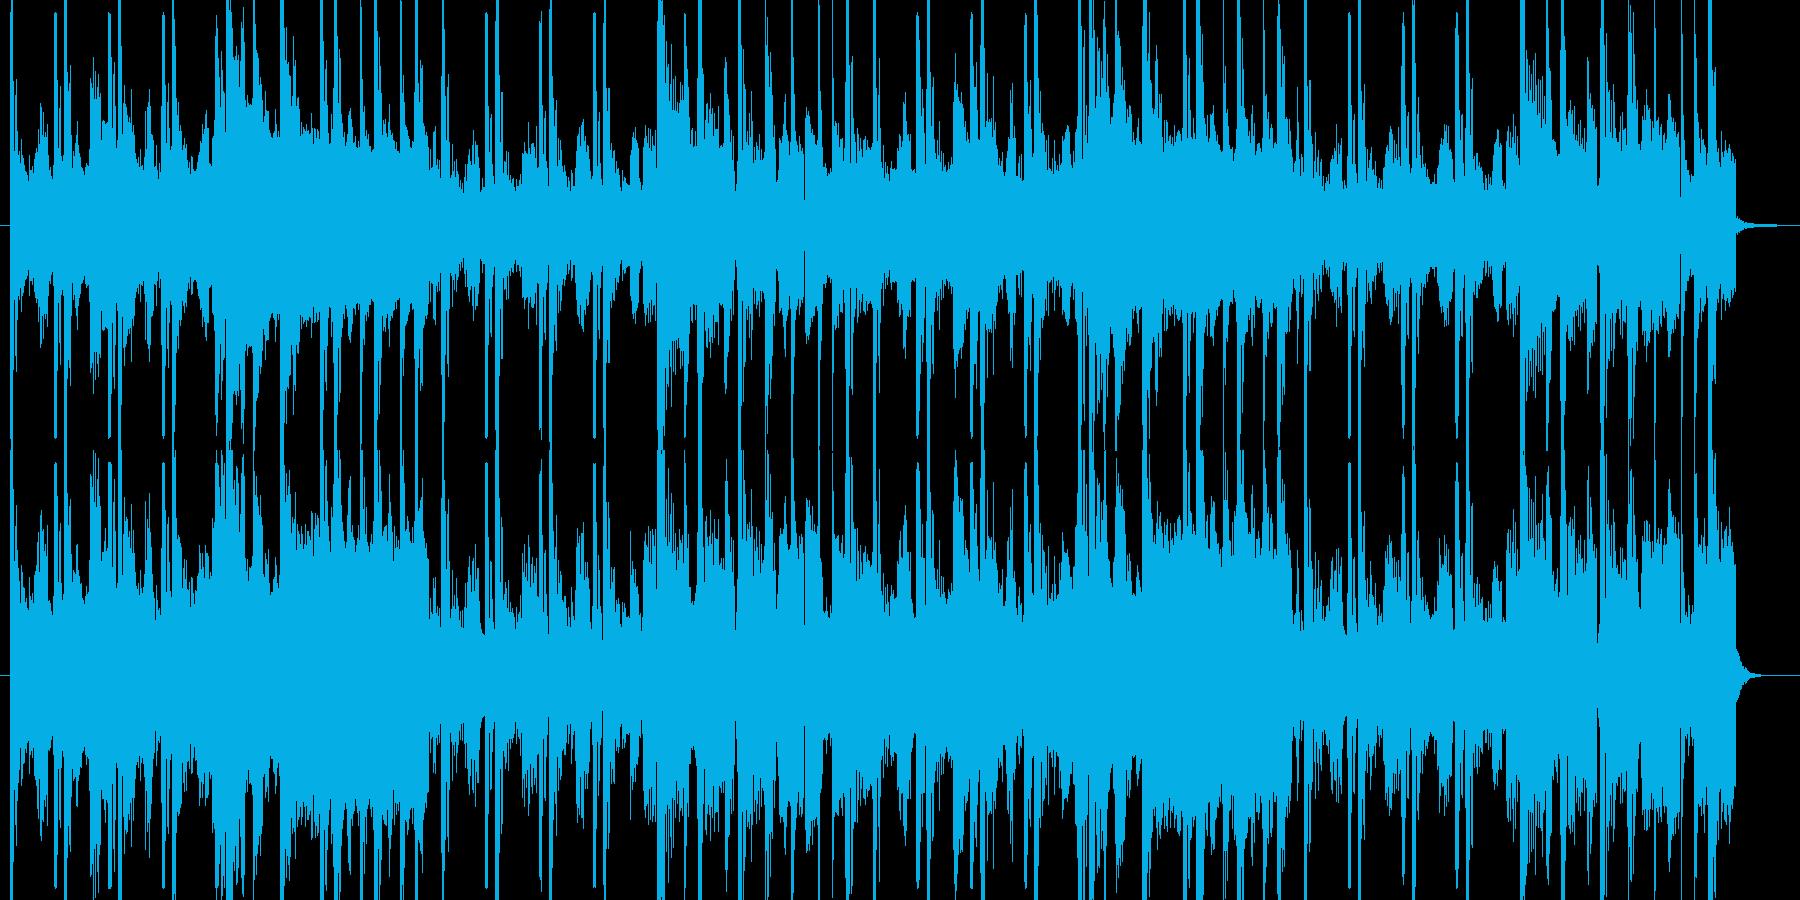 ヒップホップ風のファンキーなジングルの再生済みの波形